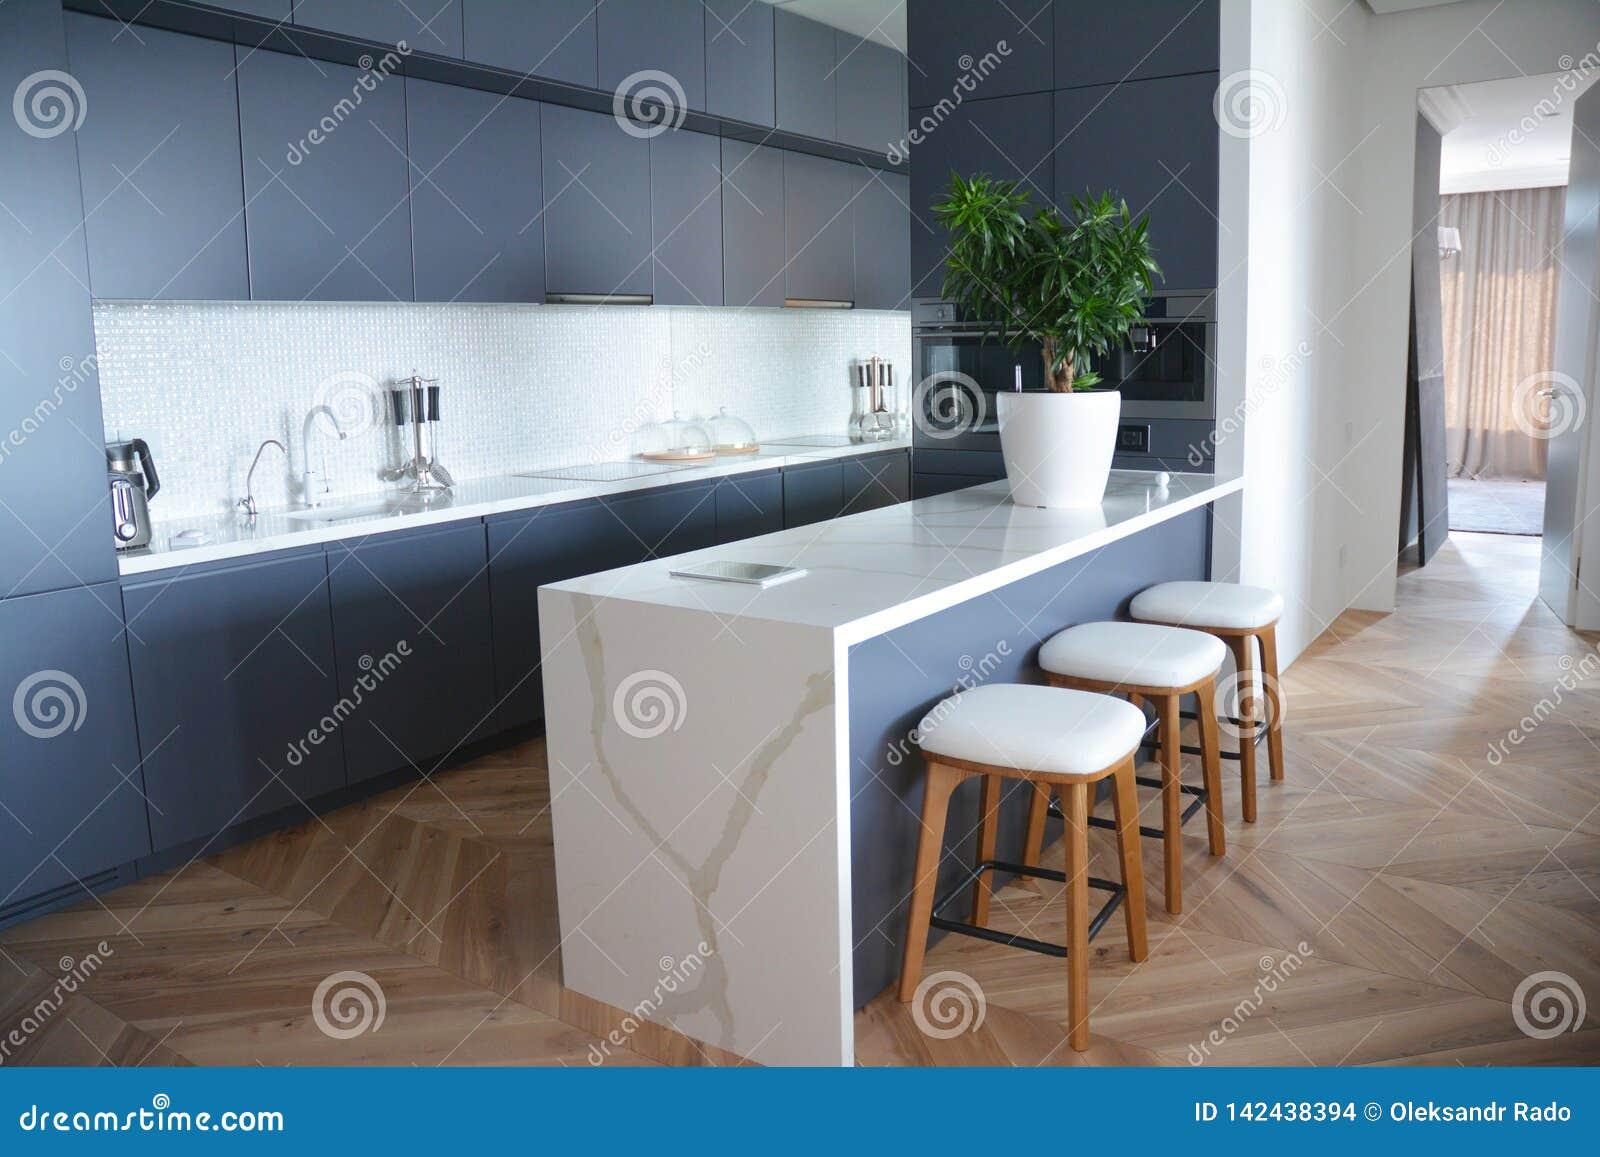 Conception intérieure de cuisine moderne avec des planchers en bois dur dans la maison de luxe